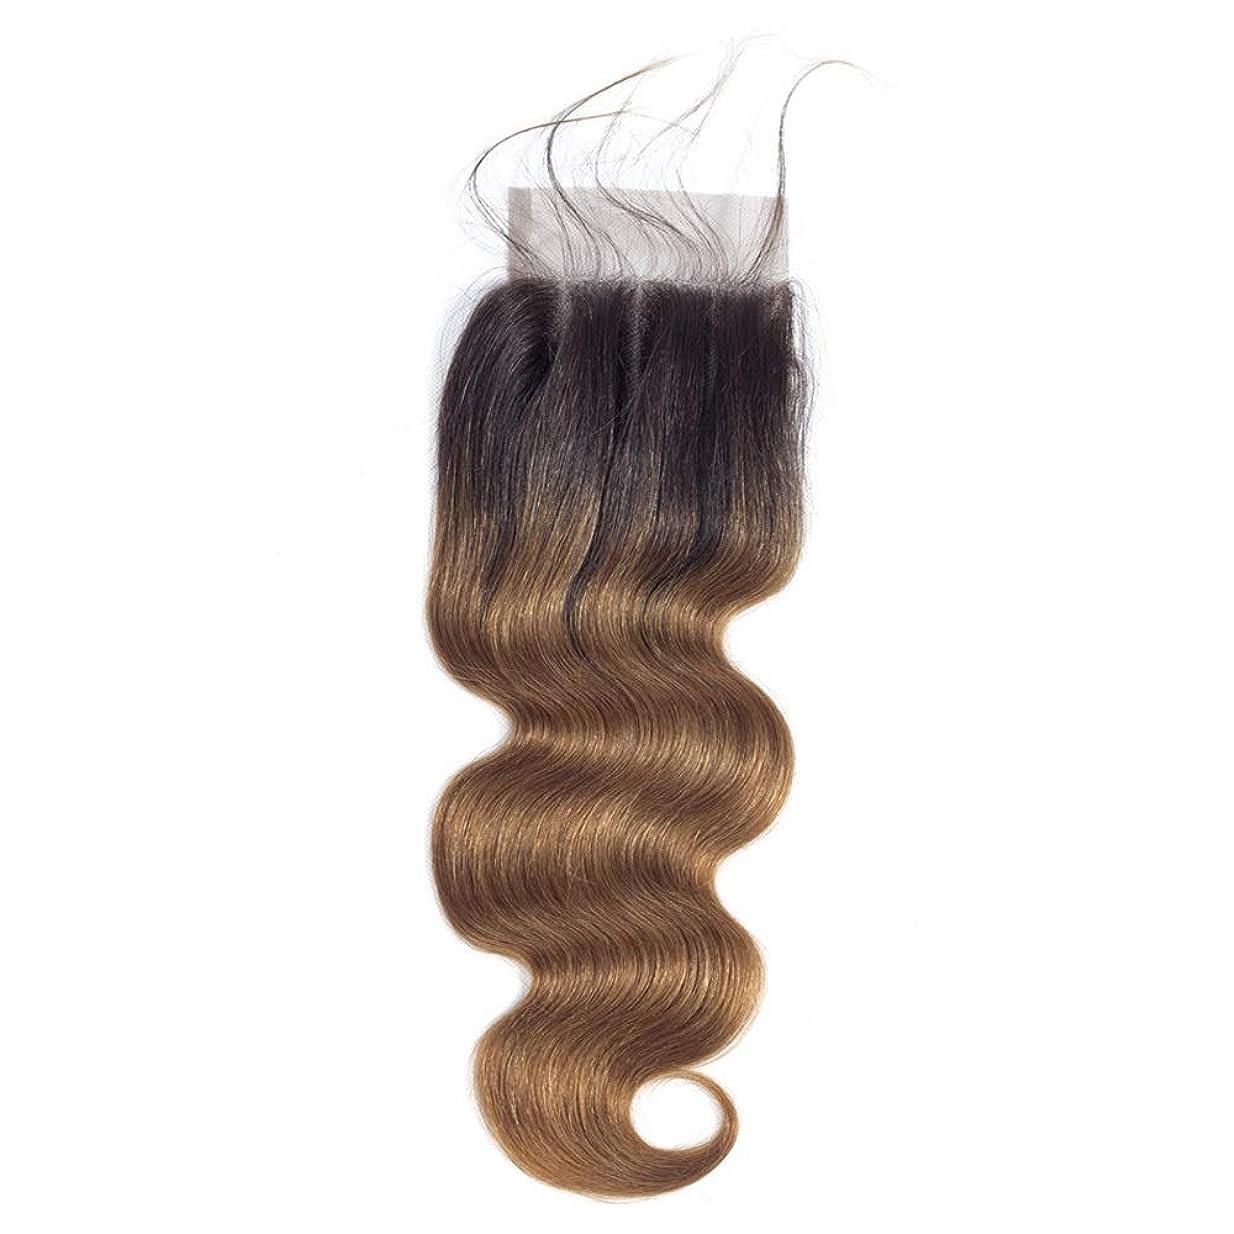 水陸両用突っ込む調子YESONEEP ブラジルの人間の髪の毛のレース前頭閉鎖4 x 4耳に耳1B / 30ブラウン2トーンカラー8